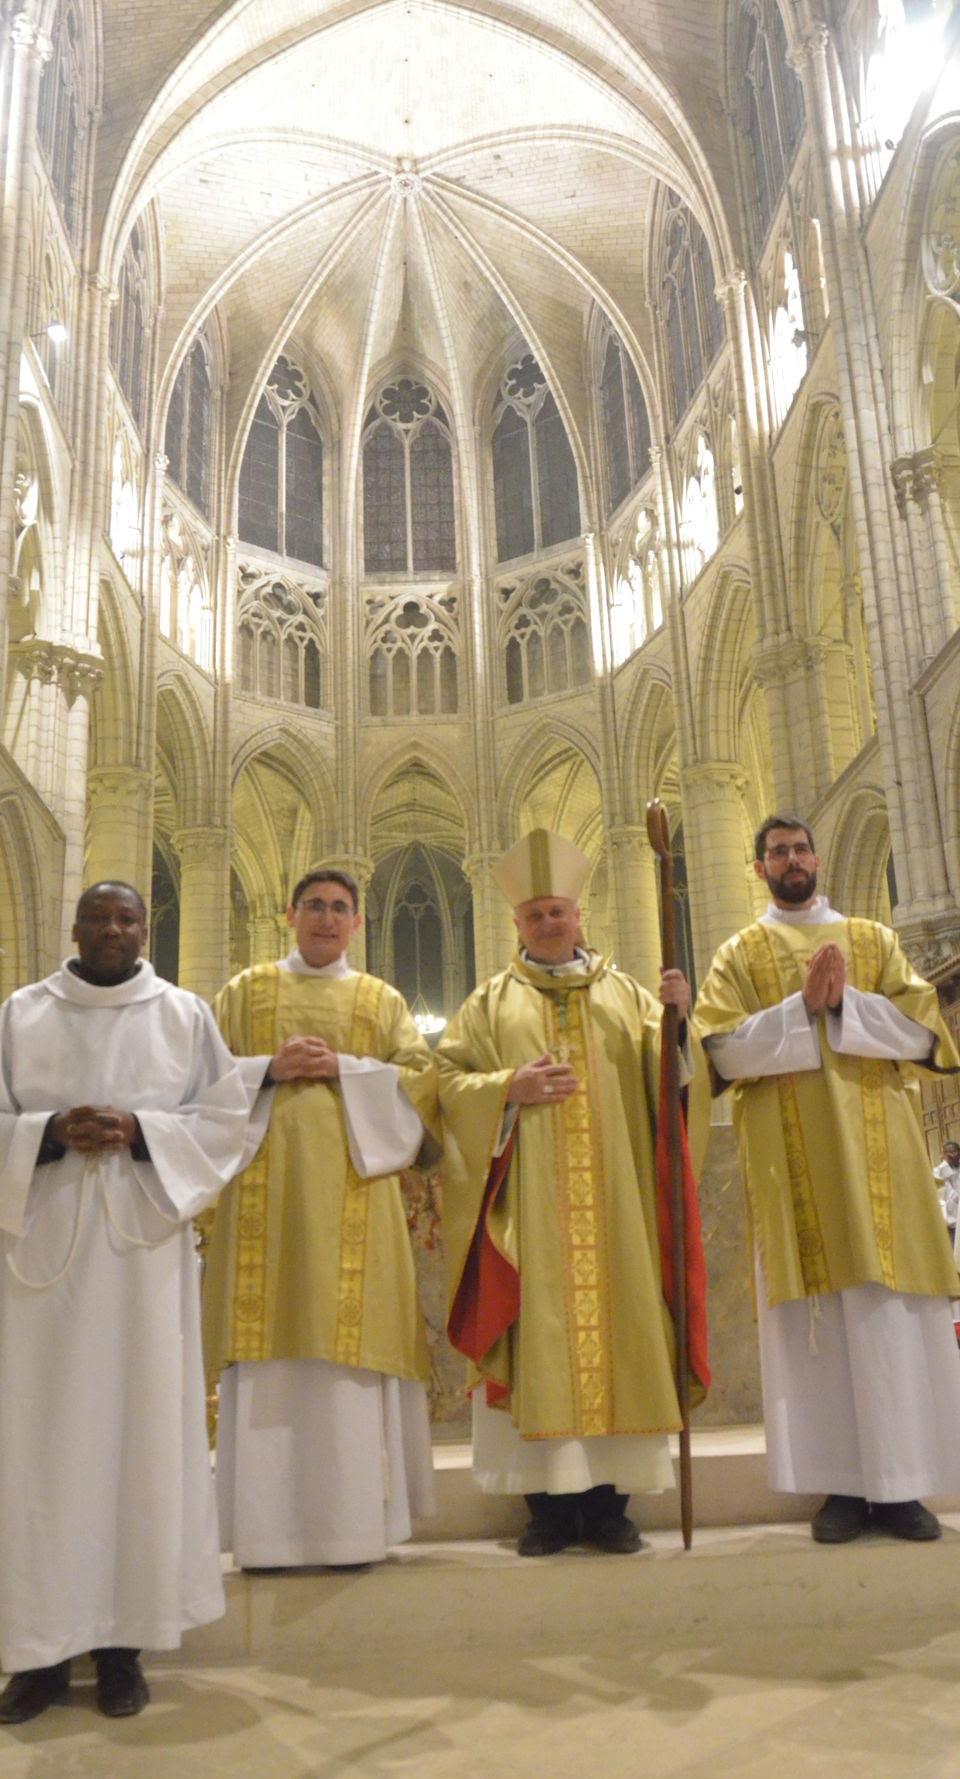 Ordinations le 23 juin 2019 à Meaux (77)